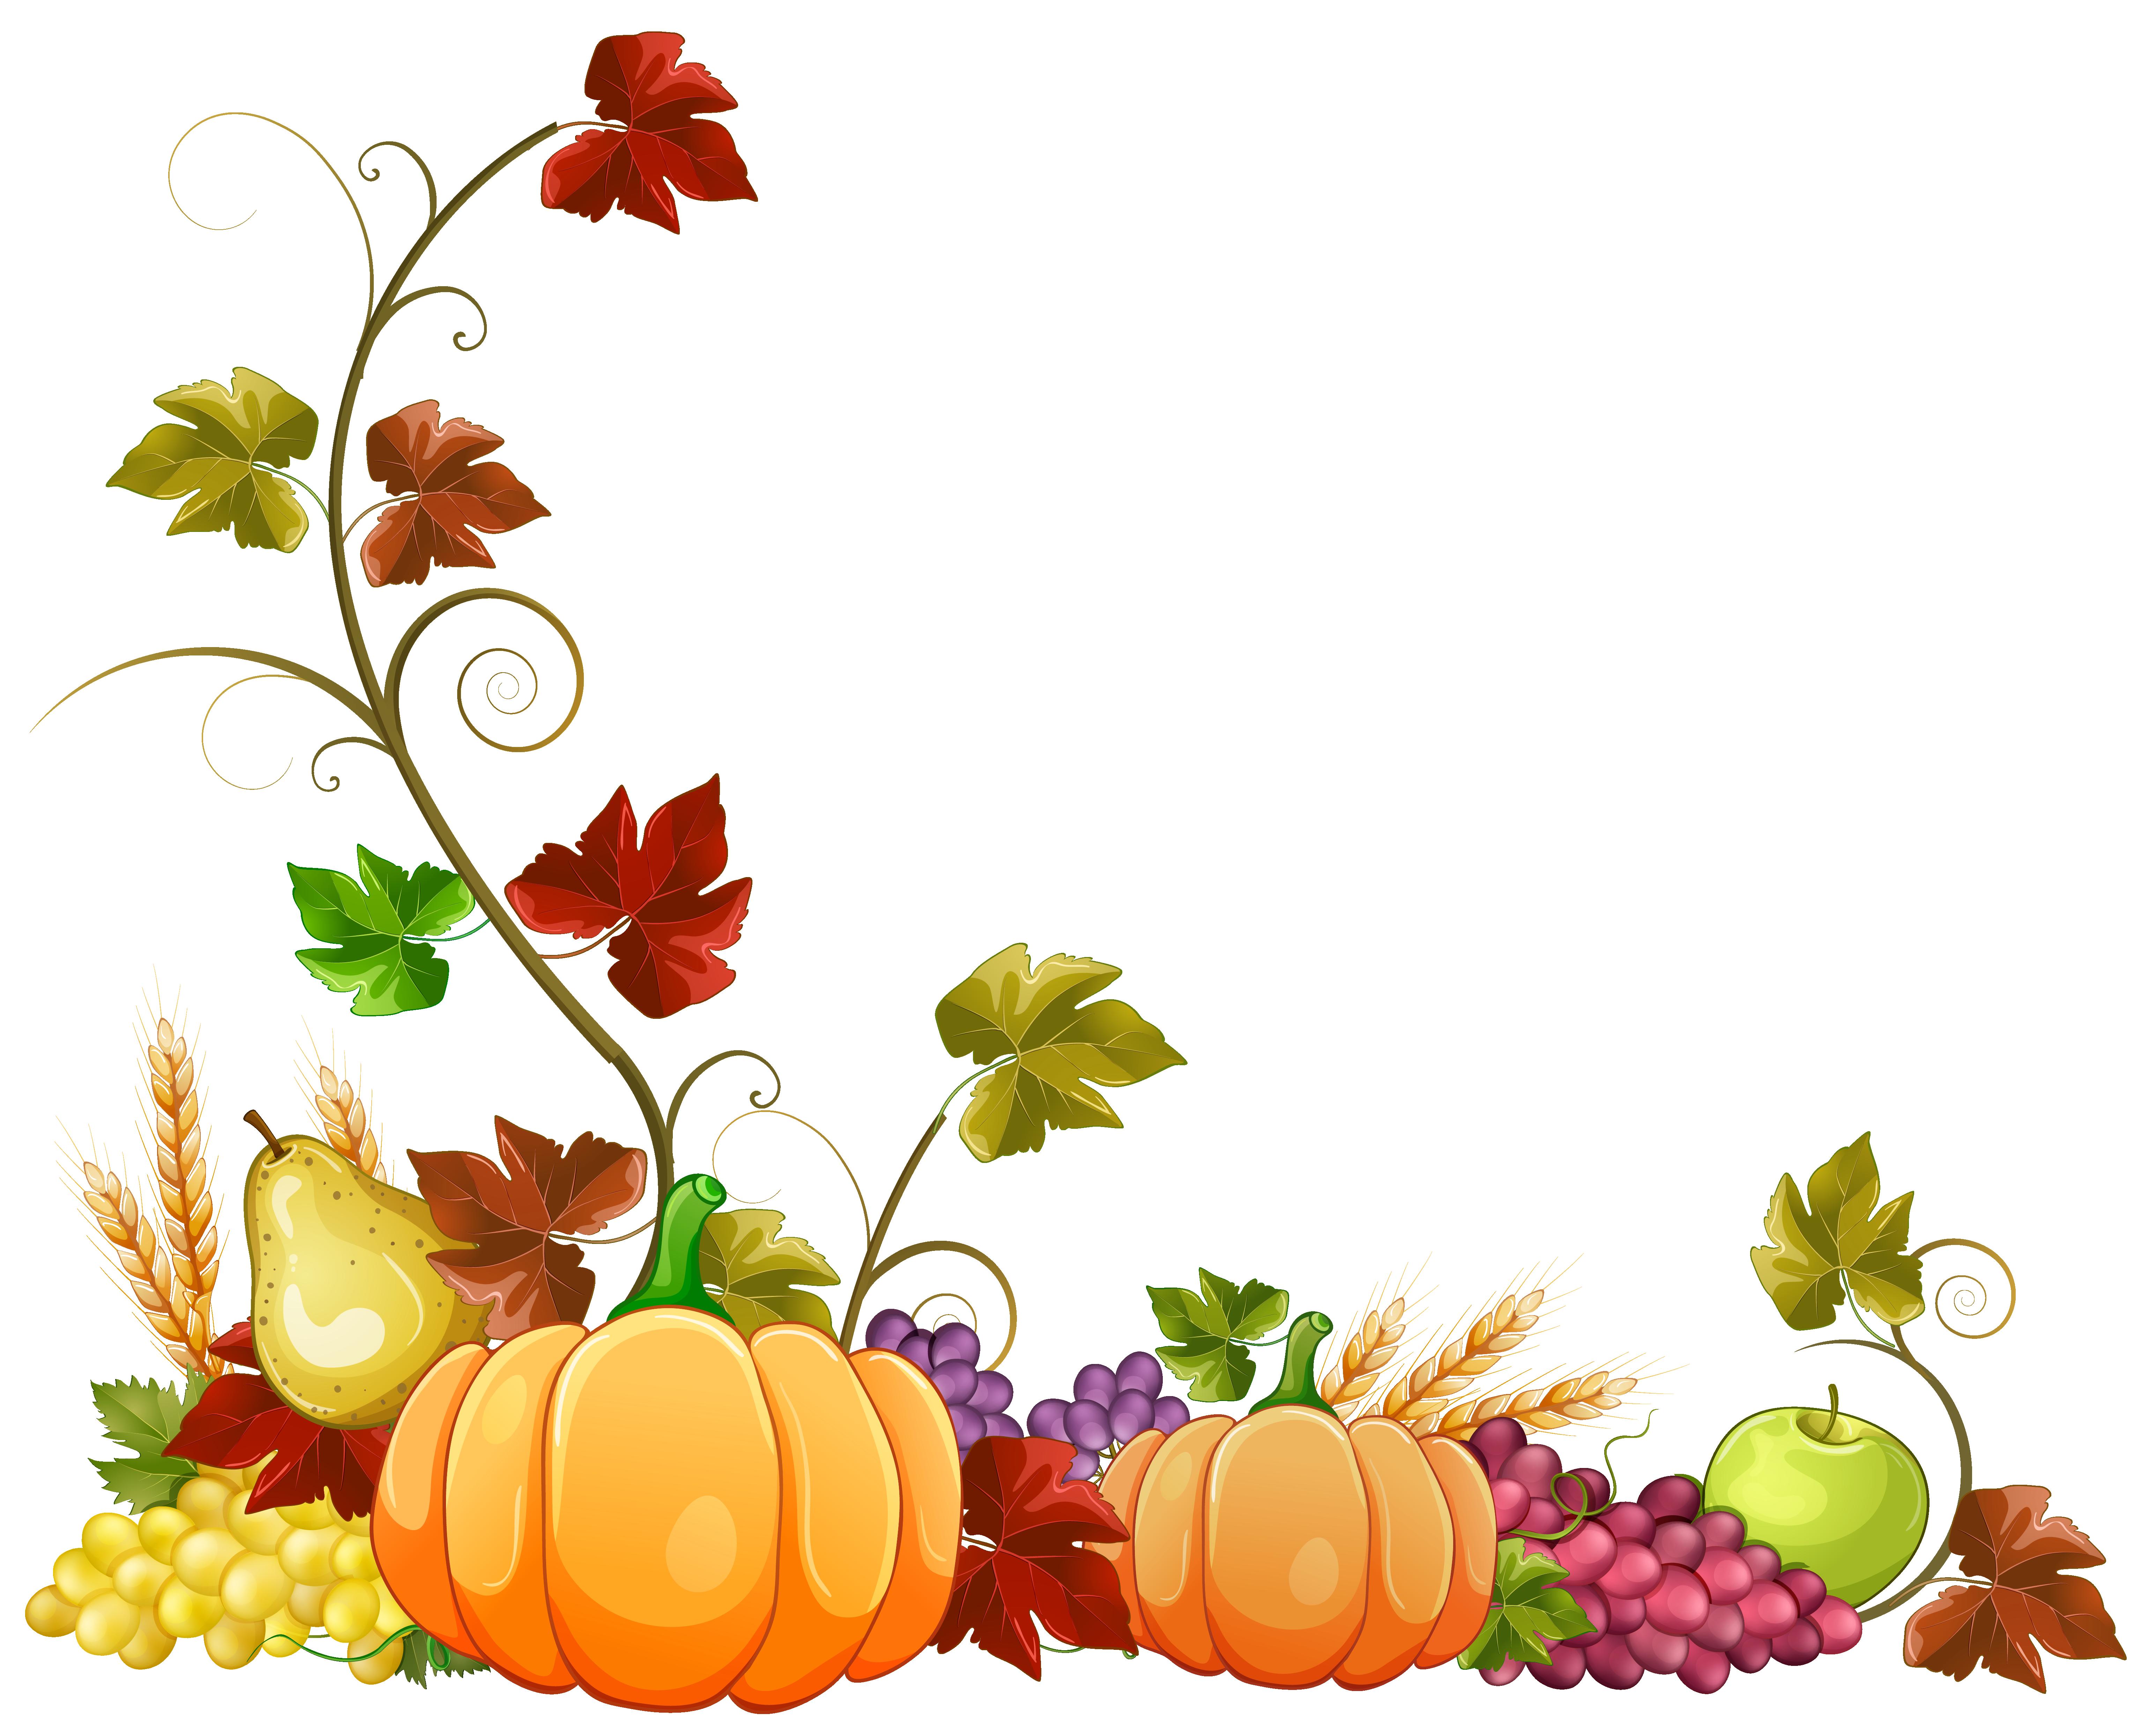 Autumn Pumpkin Decoration Clipart PNG Image.